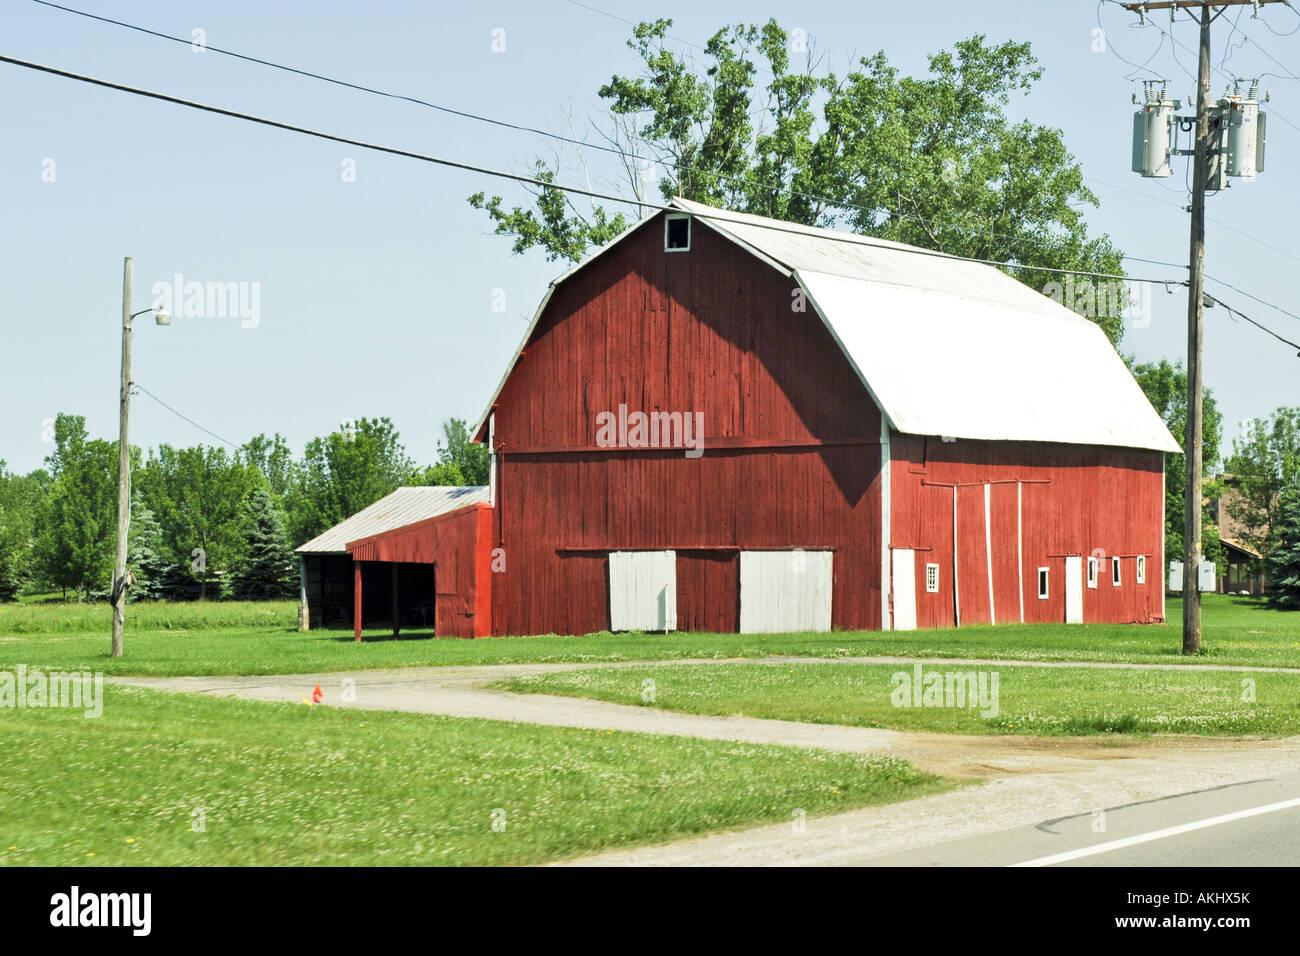 Dutch style barn for Dutch style barn